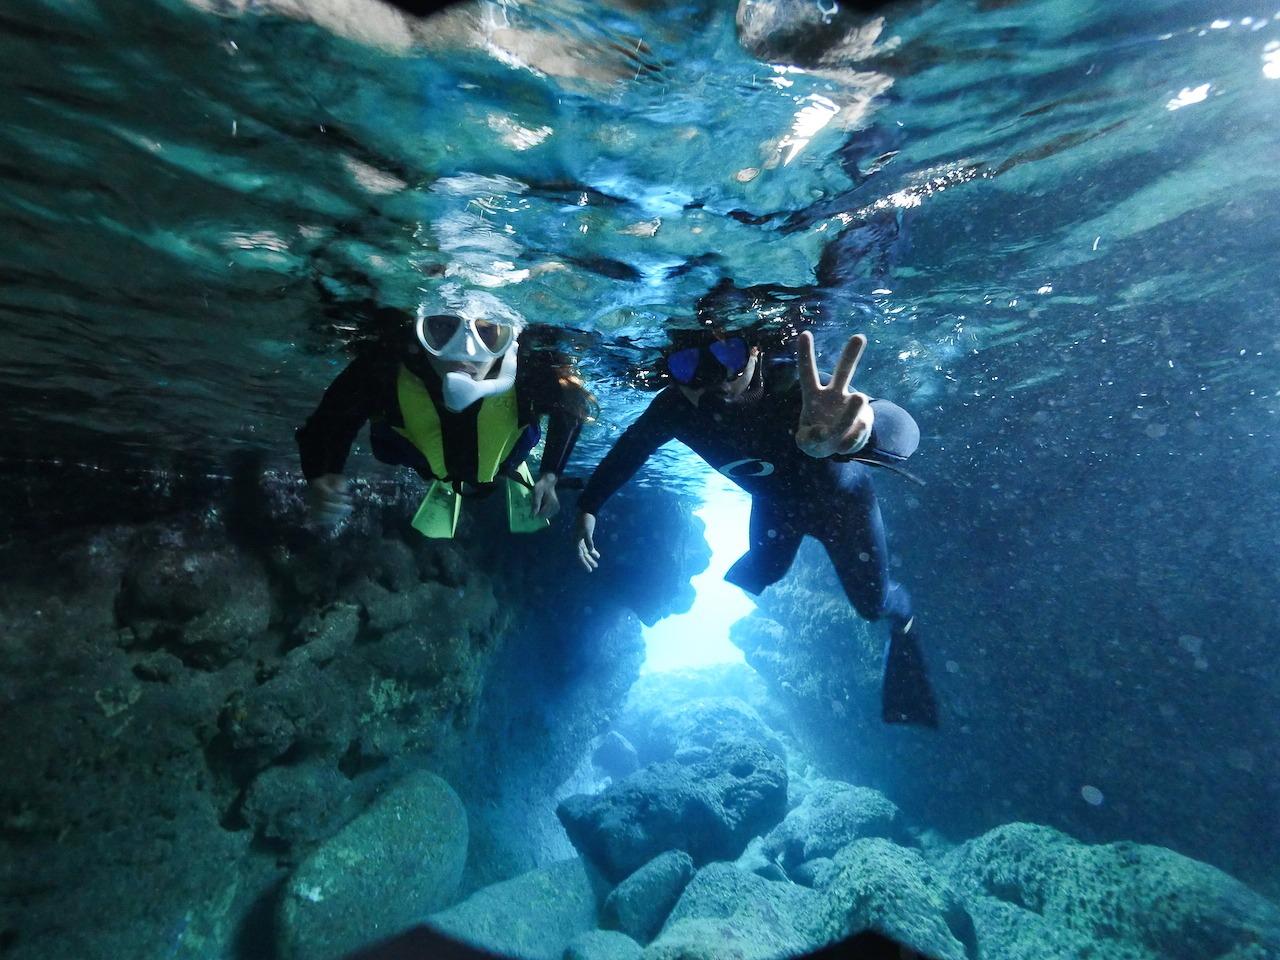 宮古島のシュノーケリングの青の洞窟でのシュノーケリング